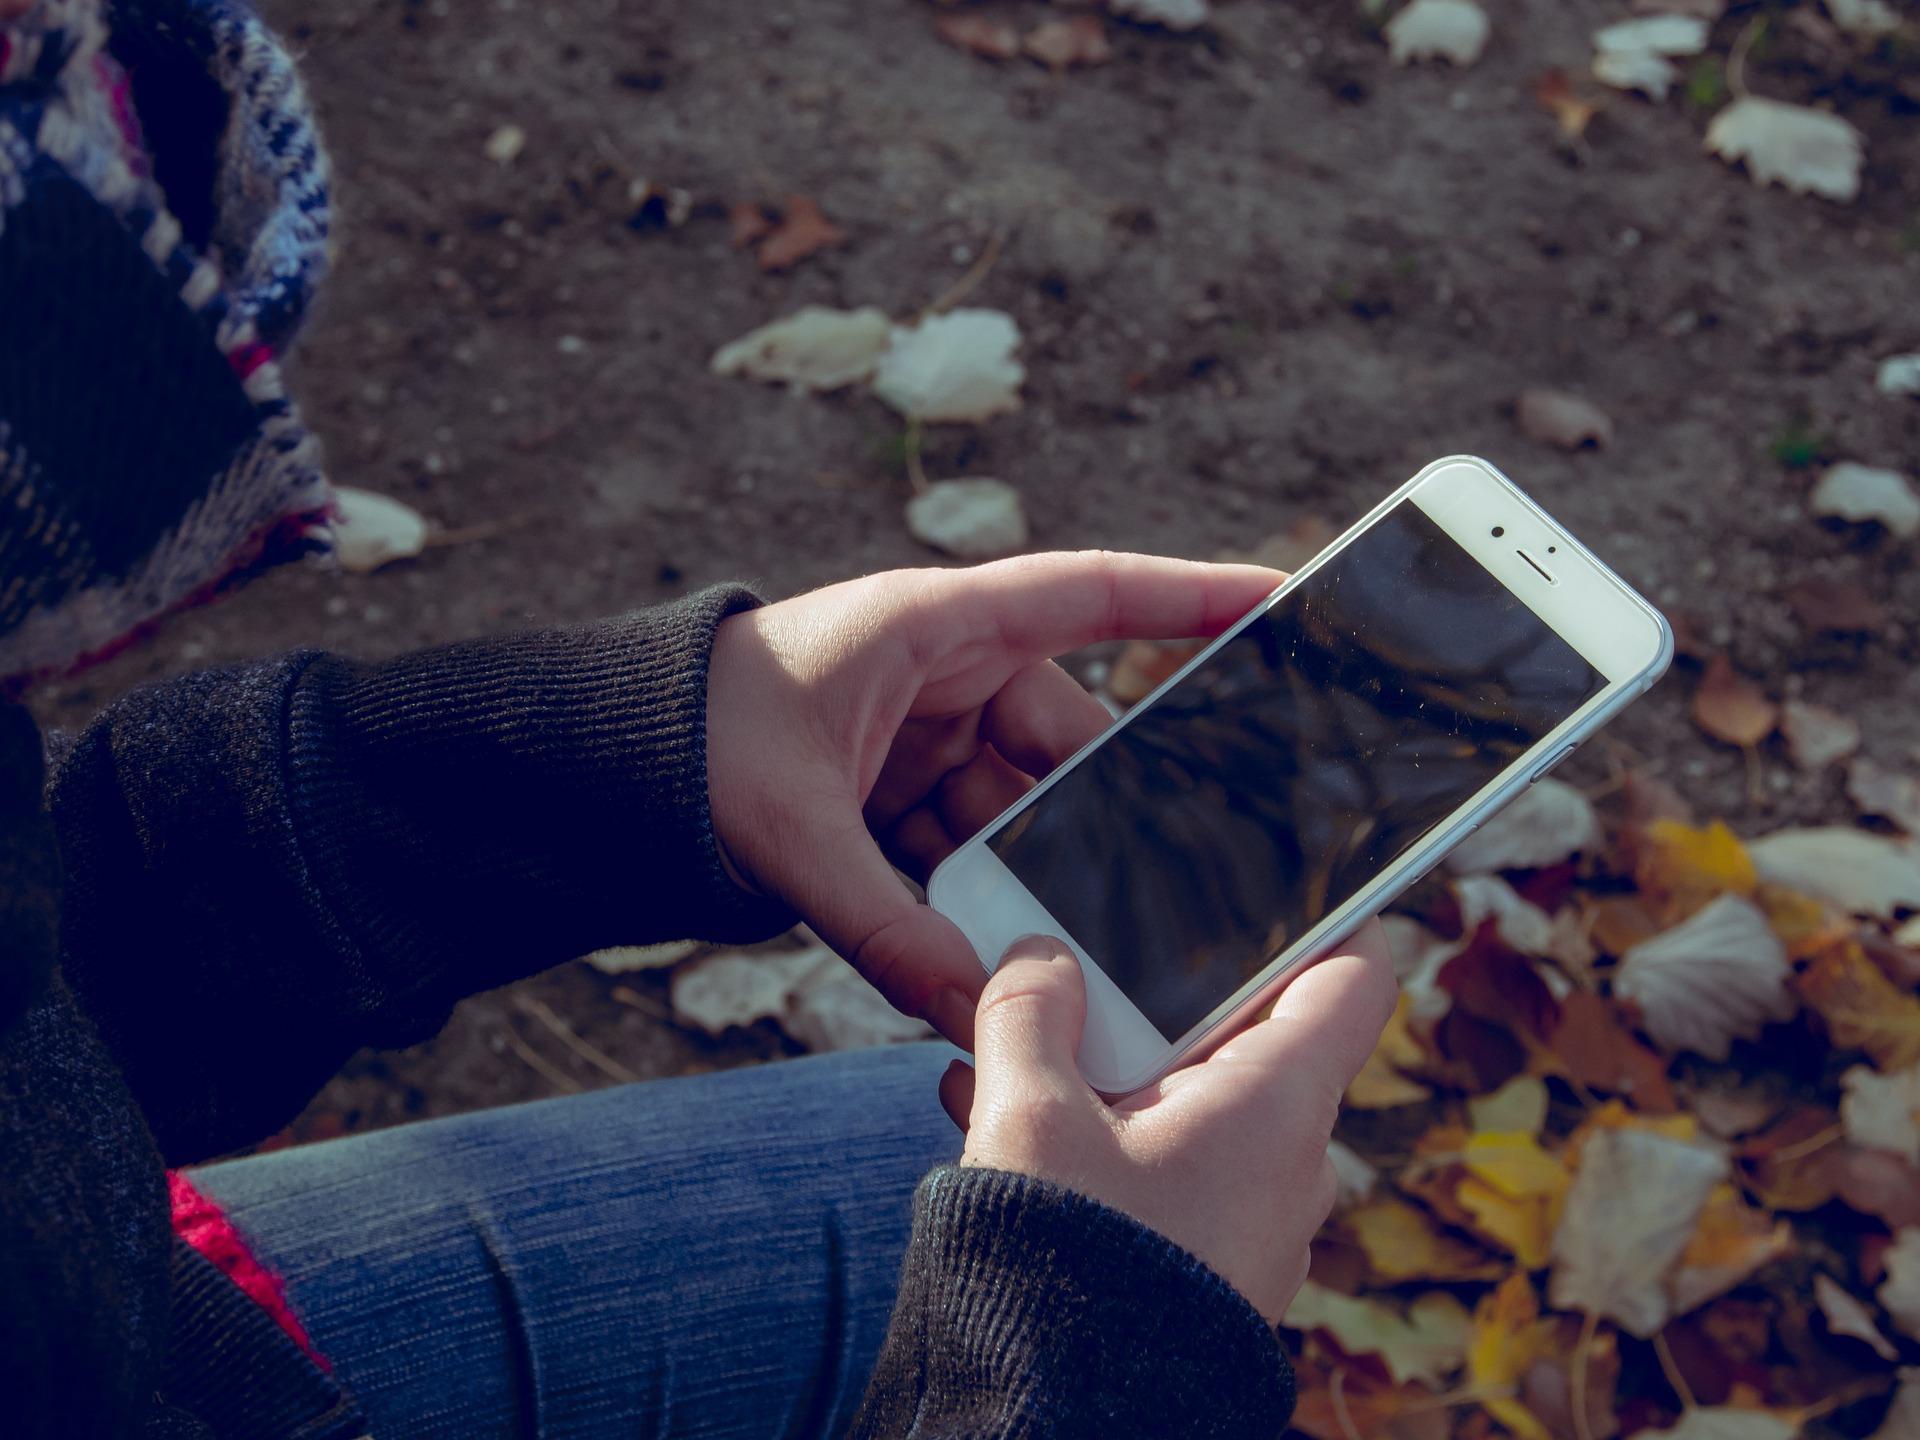 貧富の差につながる「デジタル・デバイド」の原因とは?